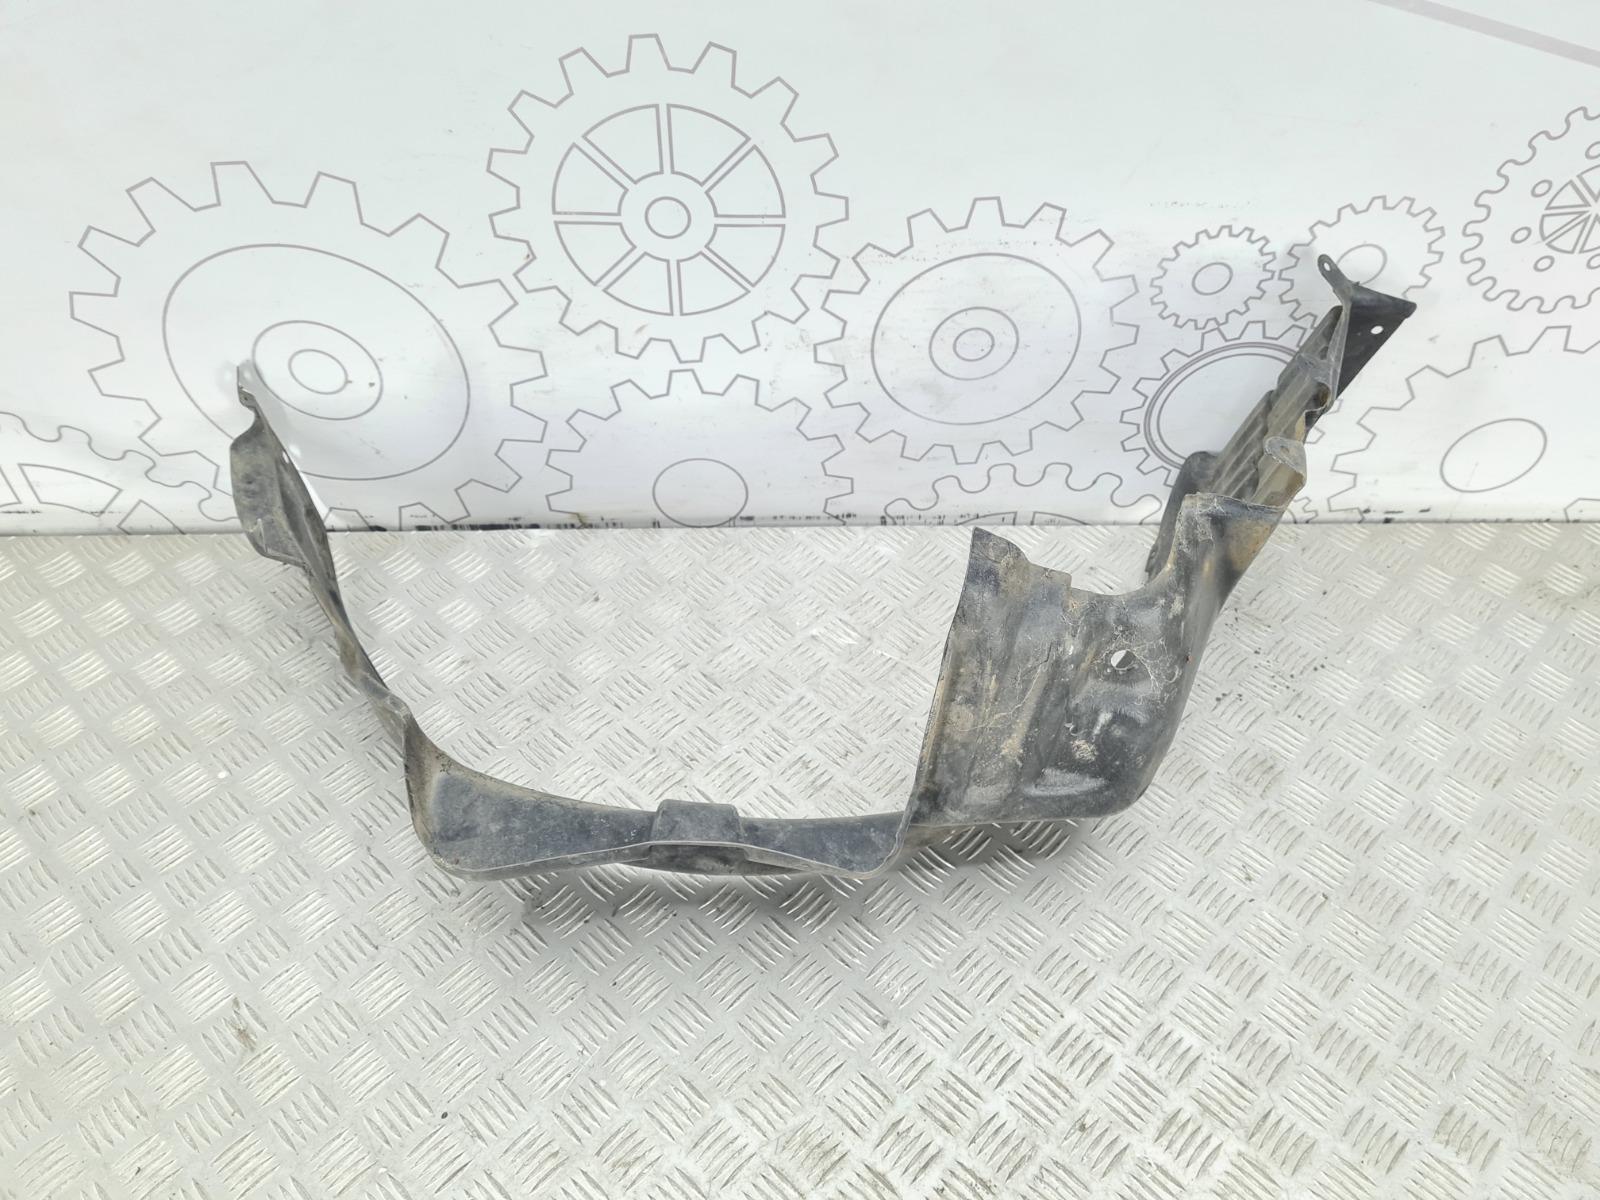 Защита арок передняя правая (подкрылок) Mitsubishi Lancer 1.6 I 2006 (б/у)